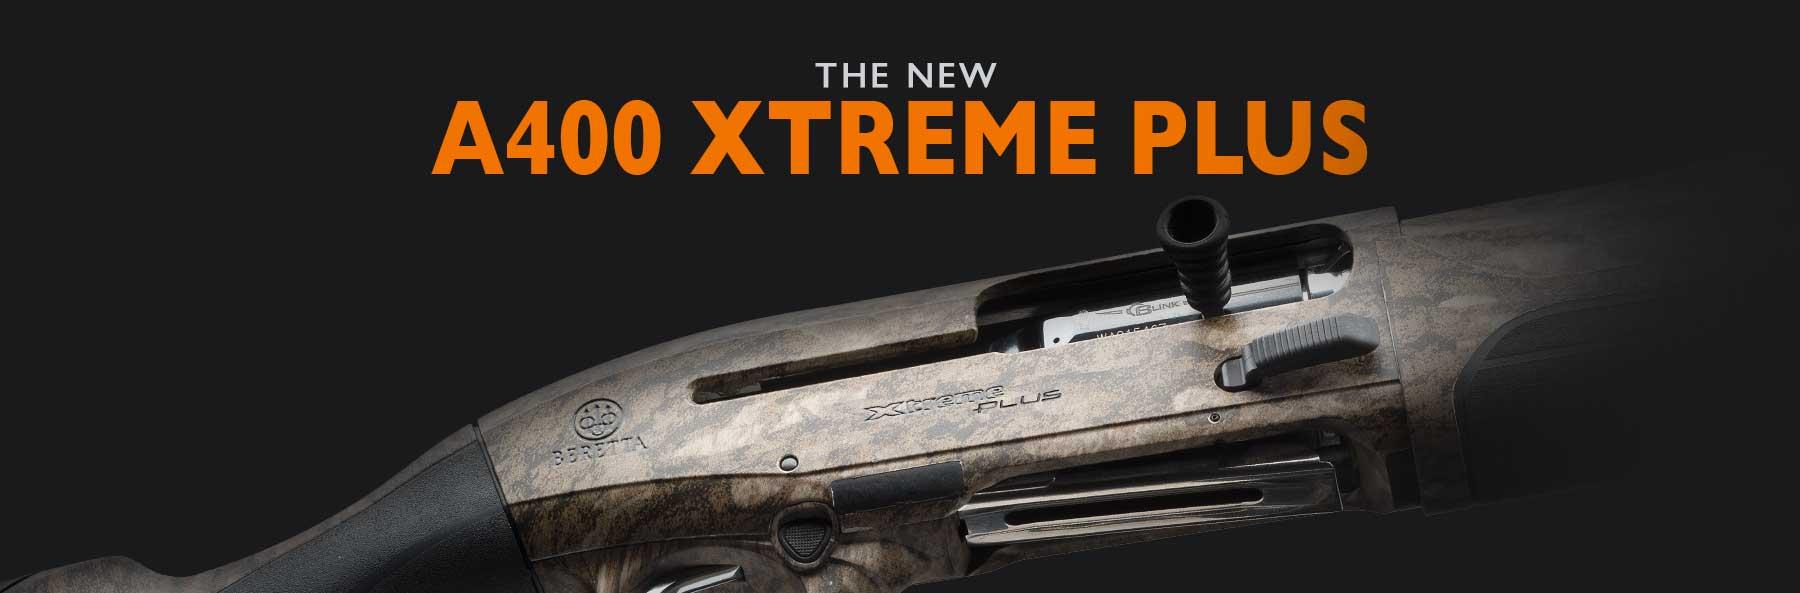 A400 Xtreme Plus